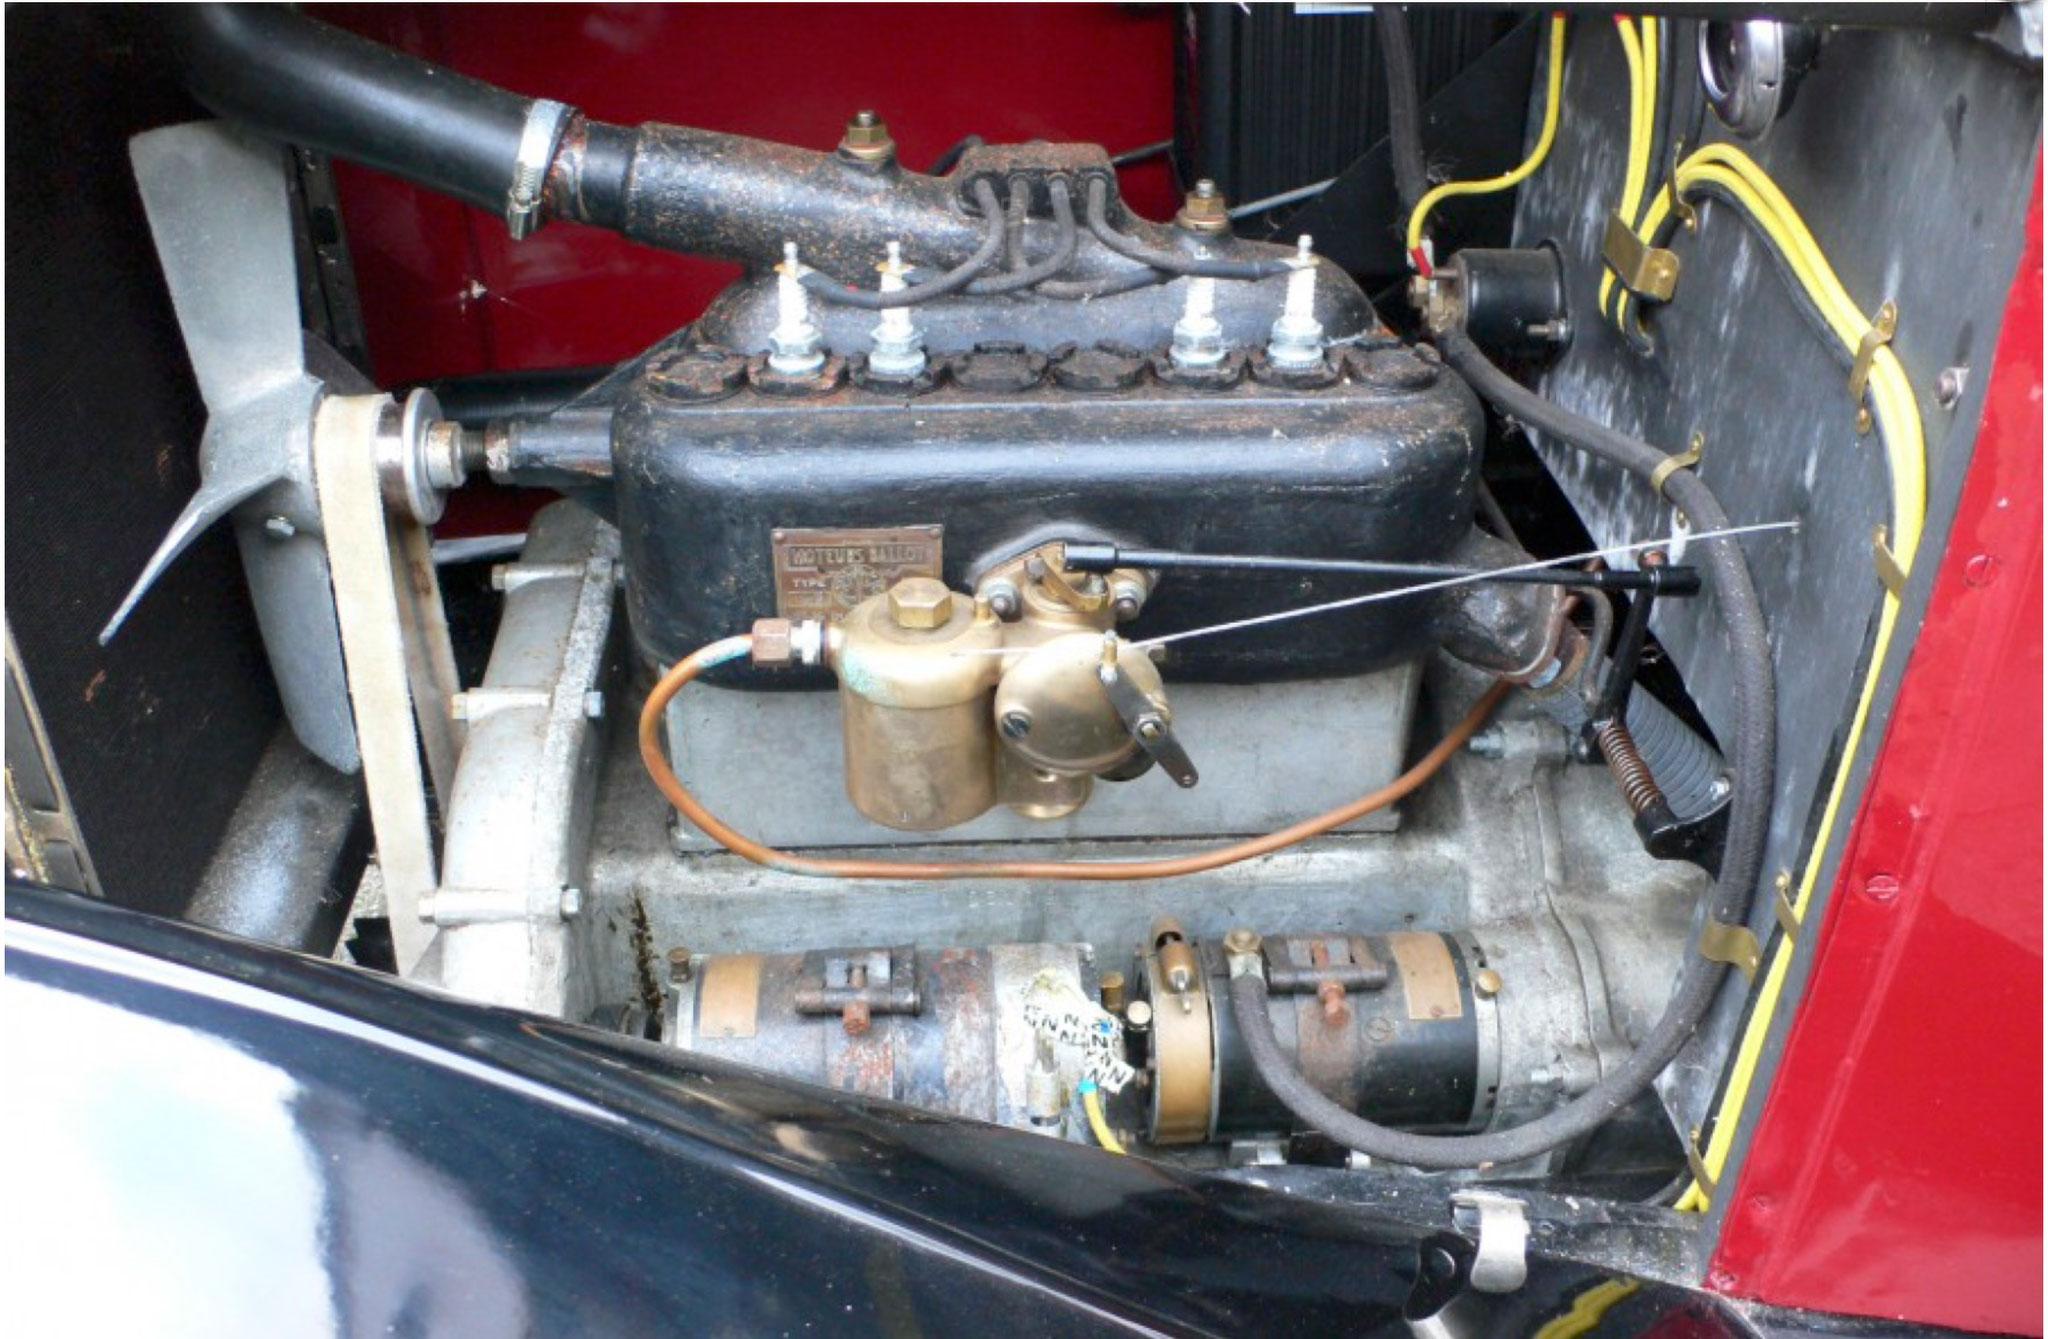 1921 Jouffret Four Seater Tourer moteur Ballot de 1593cc.